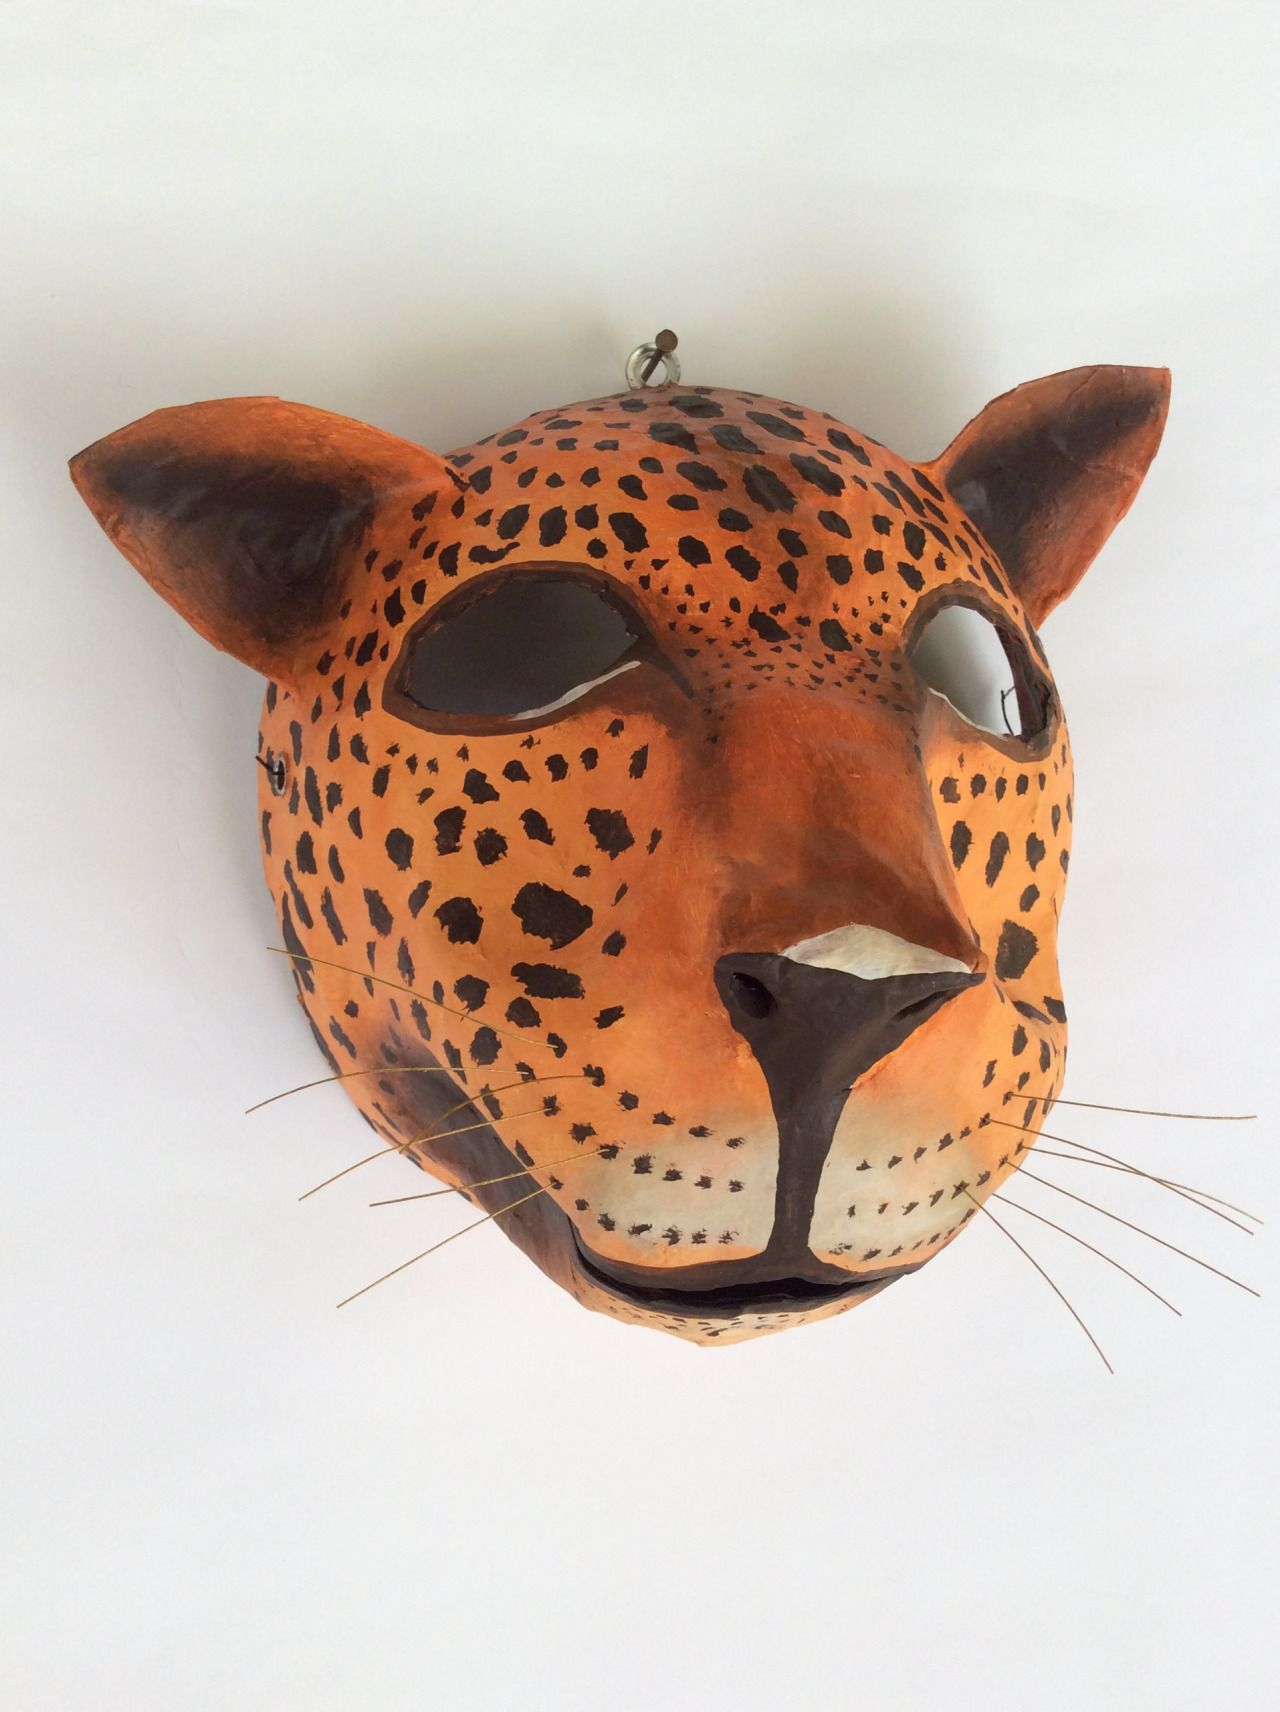 máscaras de papel hechos sobre globo, papel mache, - diy home